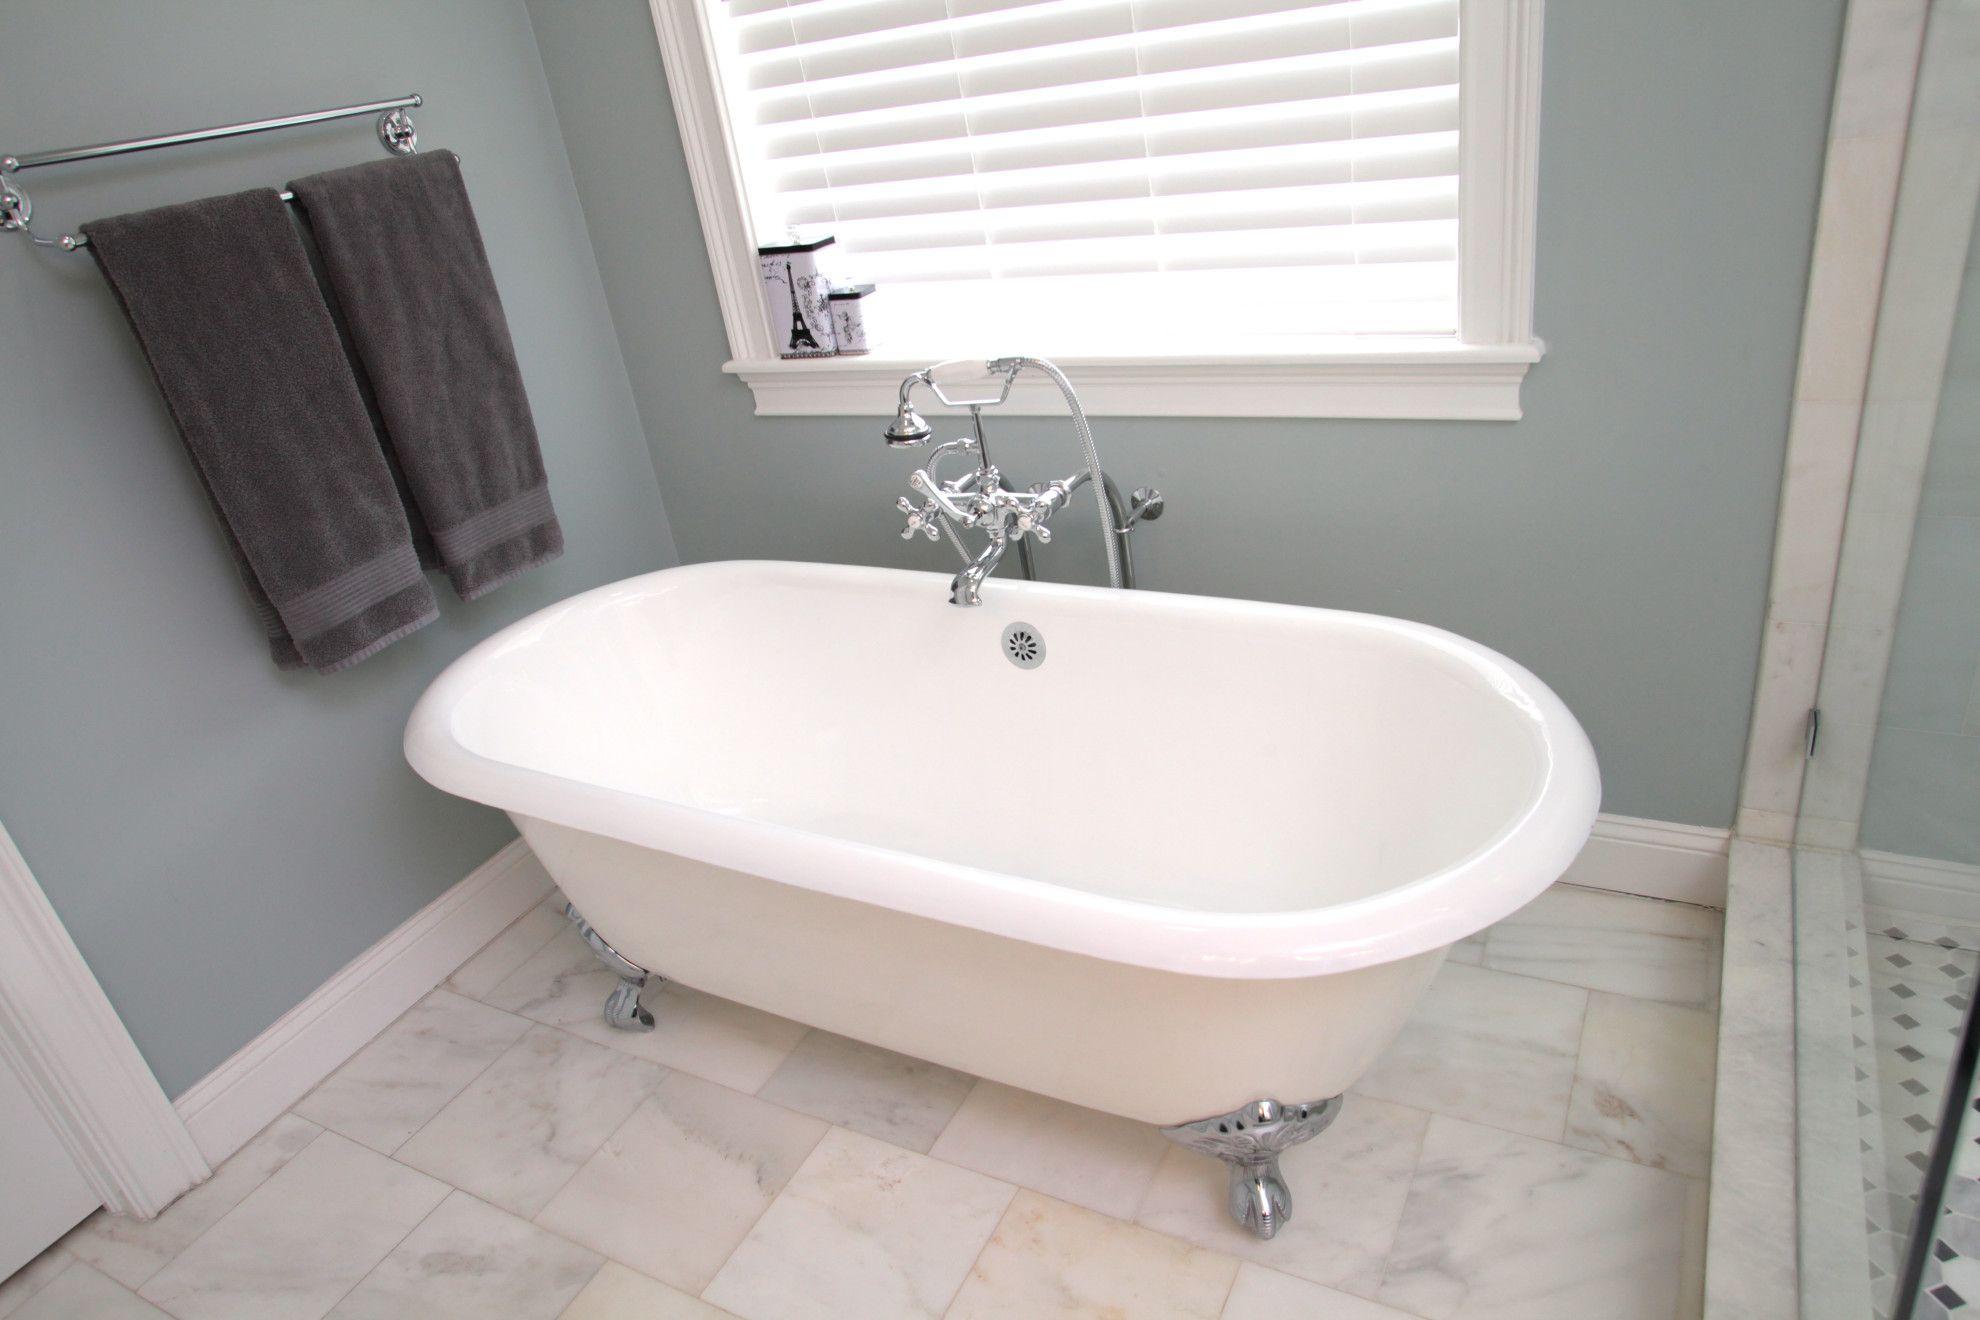 Vasca Da Bagno Zampe Di Leone : Melrose canal home clawfoot tub melrose canal custom home